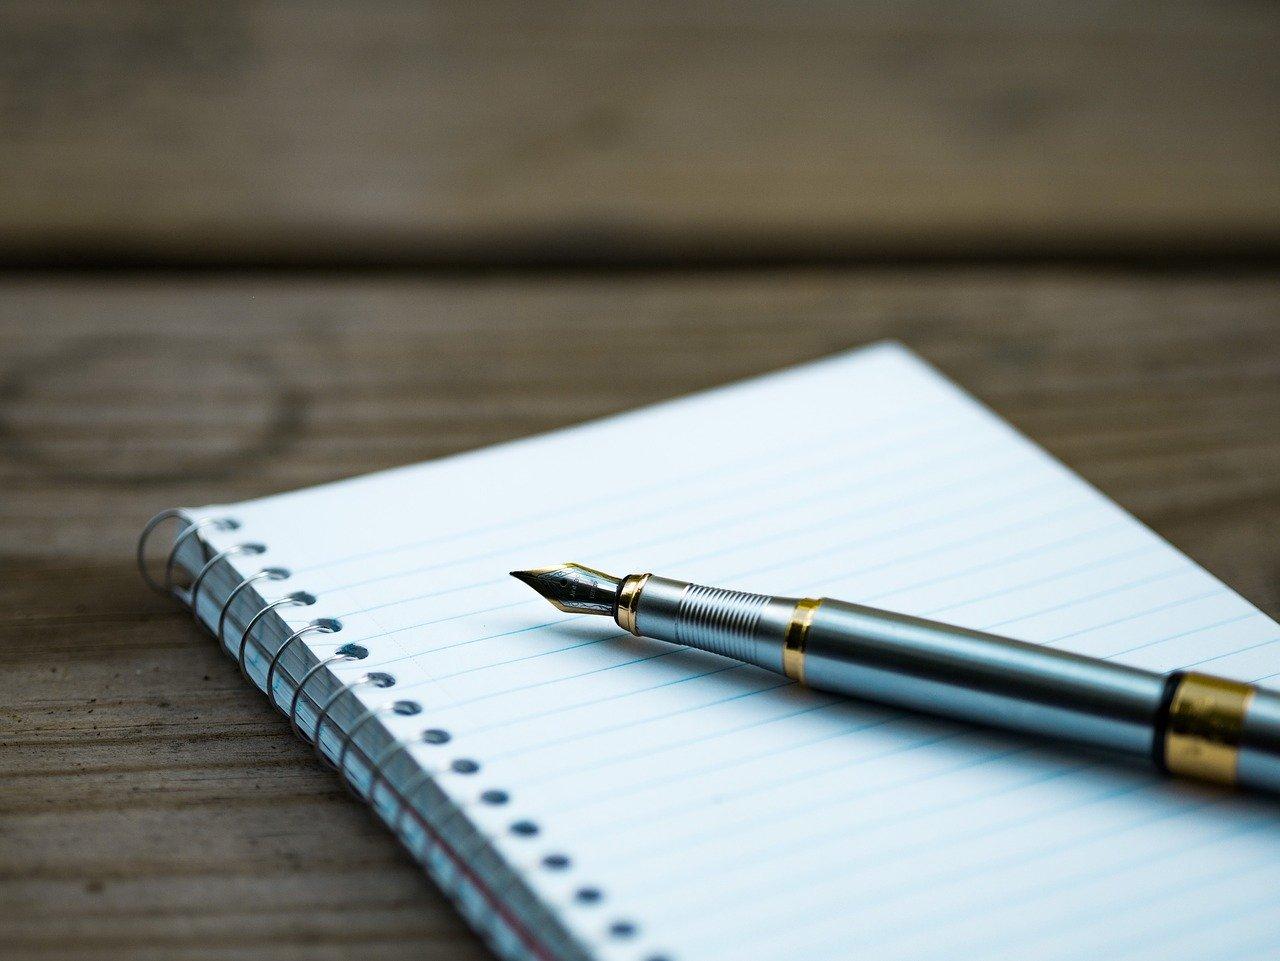 Volite pisati? Prijavite se na takmičenje za najbolji esej